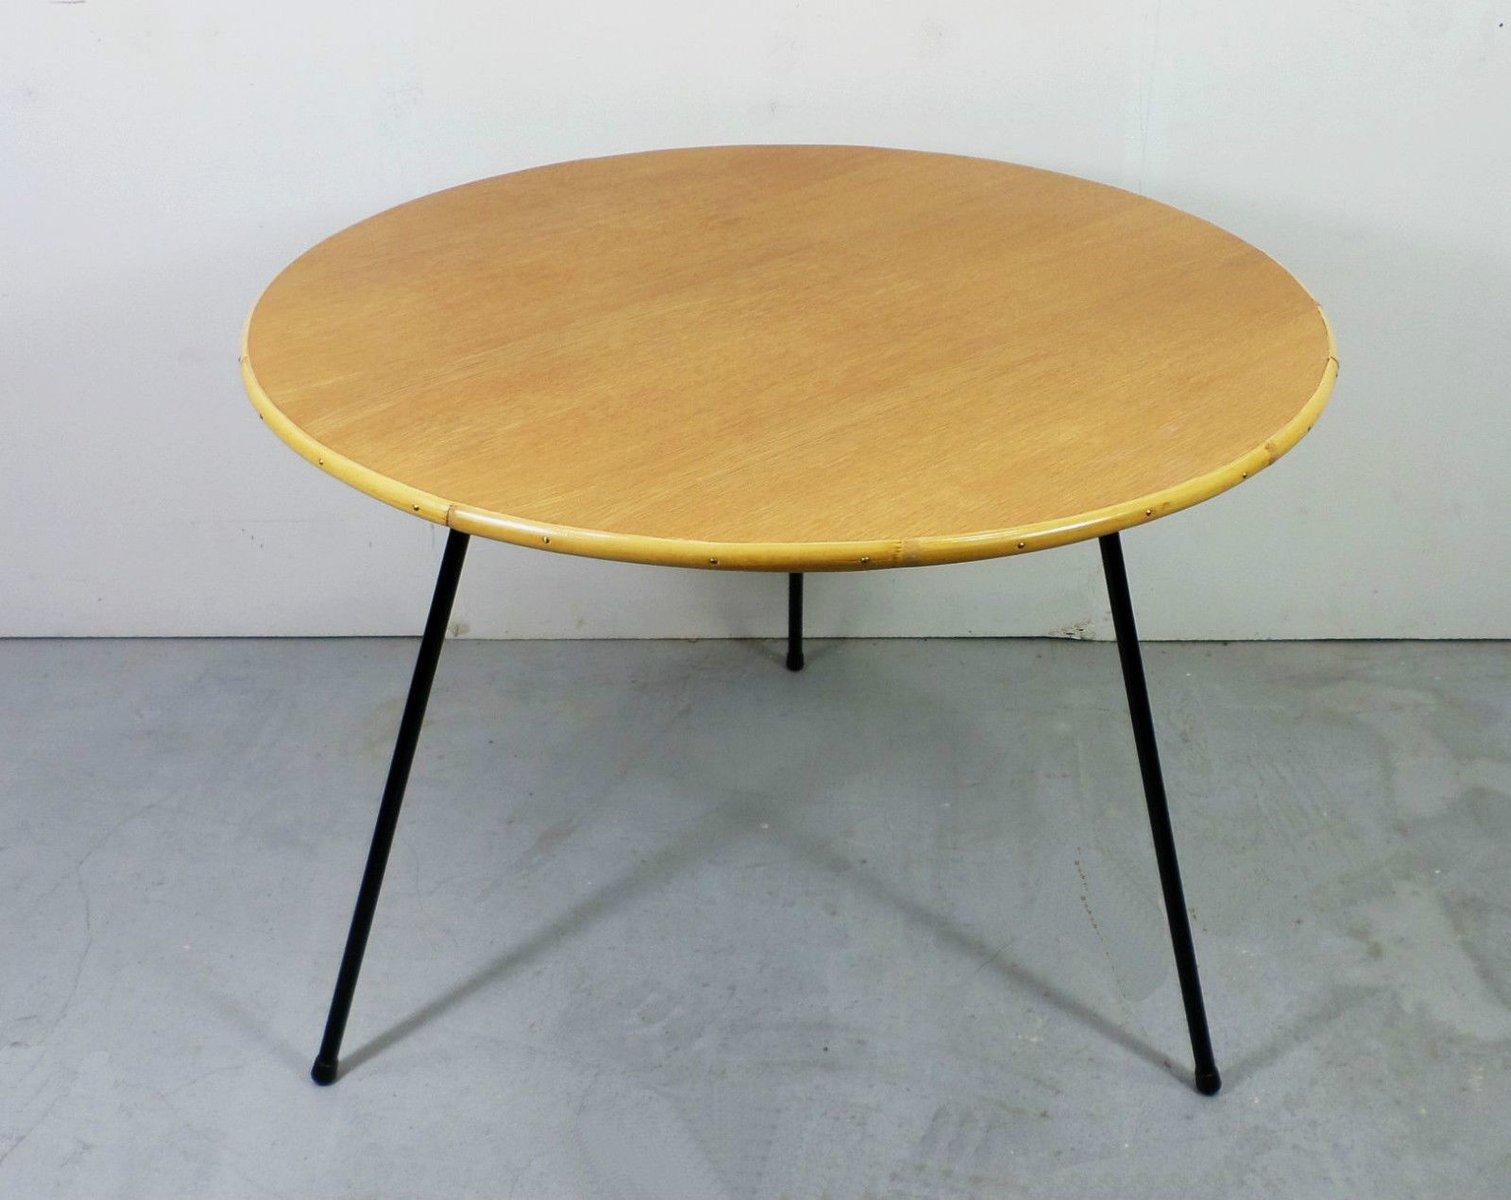 deutscher couchtisch aus eiche bambus metall 1950er bei pamono kaufen. Black Bedroom Furniture Sets. Home Design Ideas